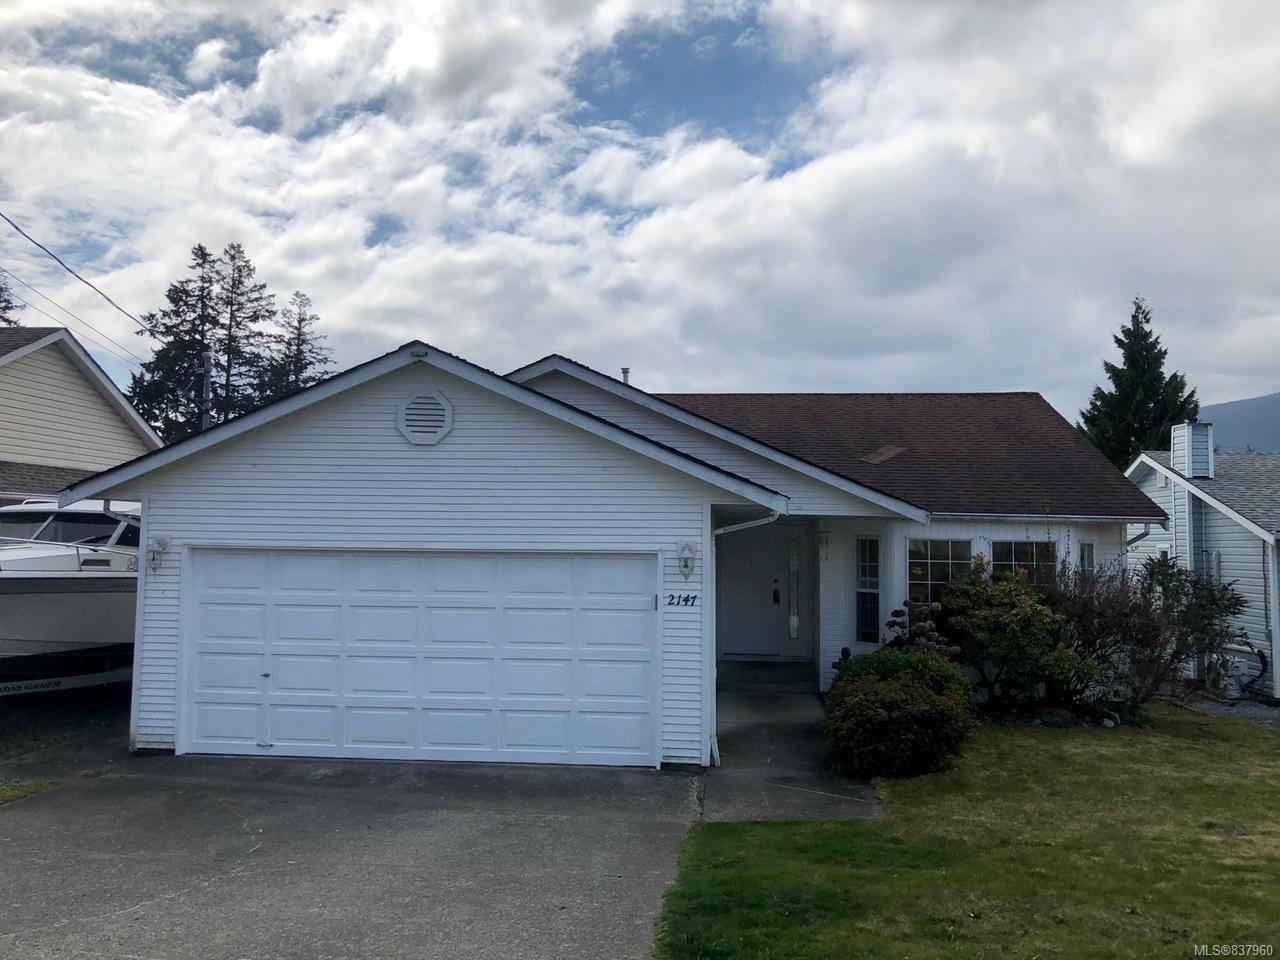 Main Photo: 2147 Lang Cres in NANAIMO: Na Central Nanaimo House for sale (Nanaimo)  : MLS®# 837960